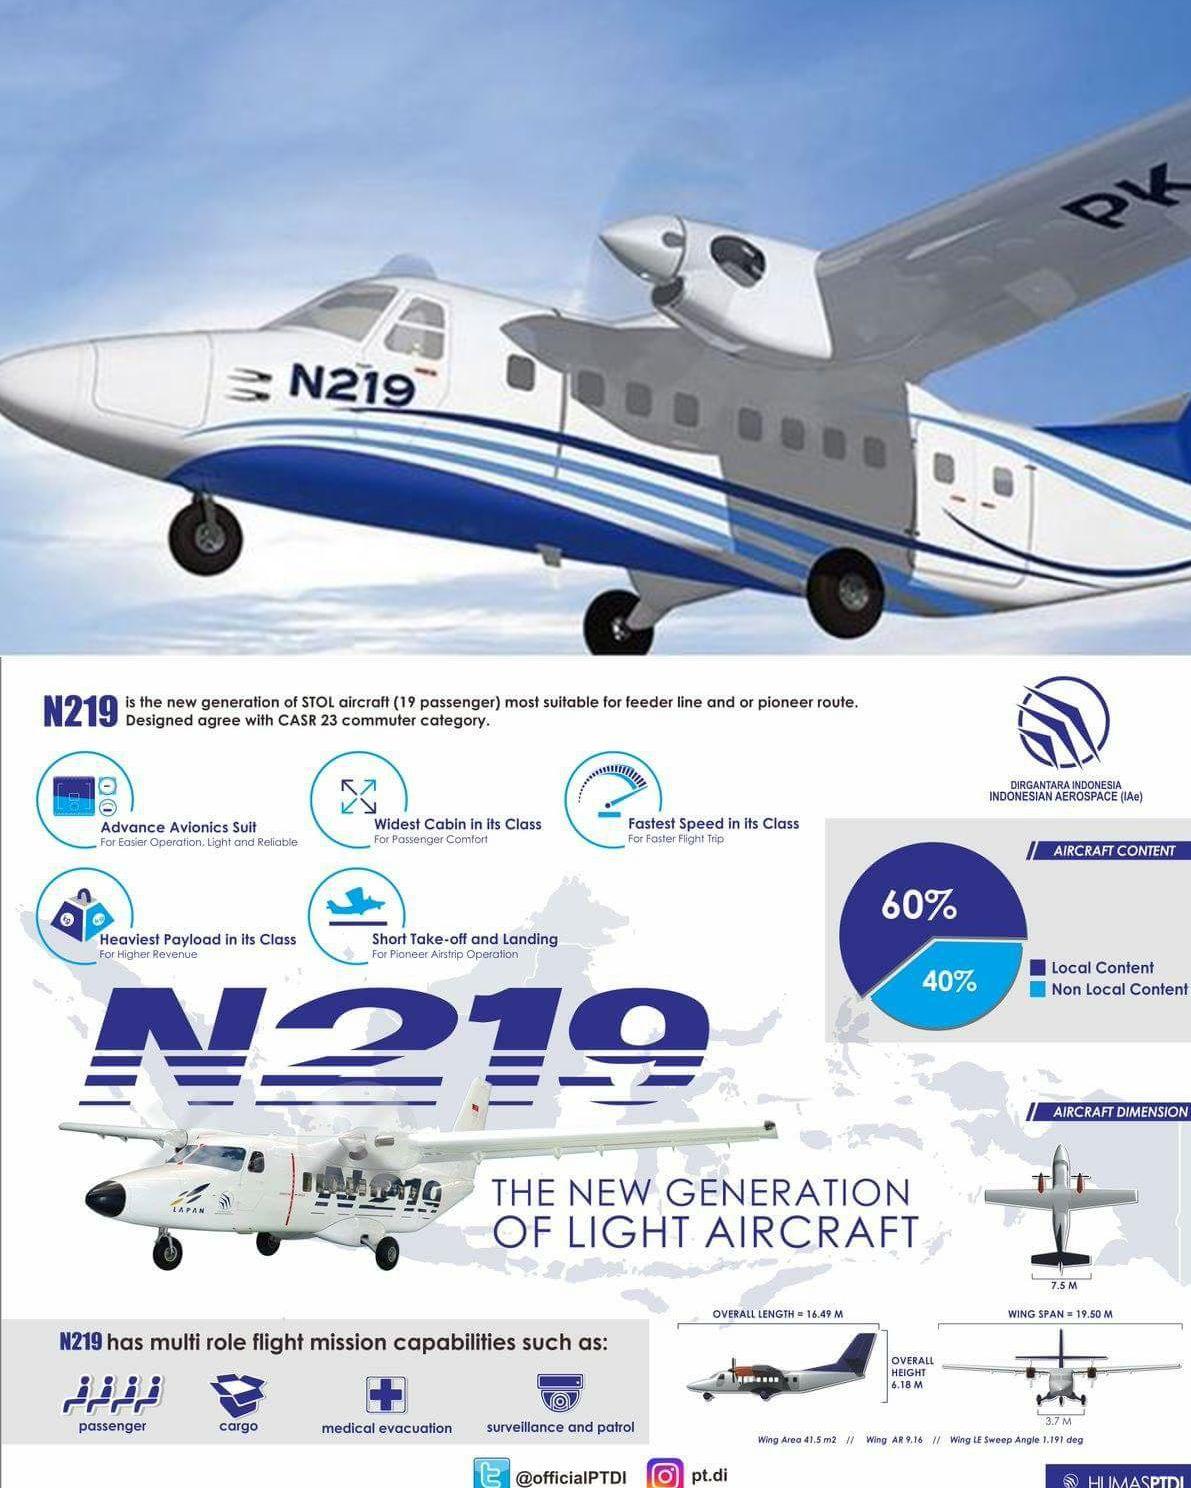 Pesawat N219 Nurtanio Masih Unggul di Booth PTDI di Singapura Airshow 2018